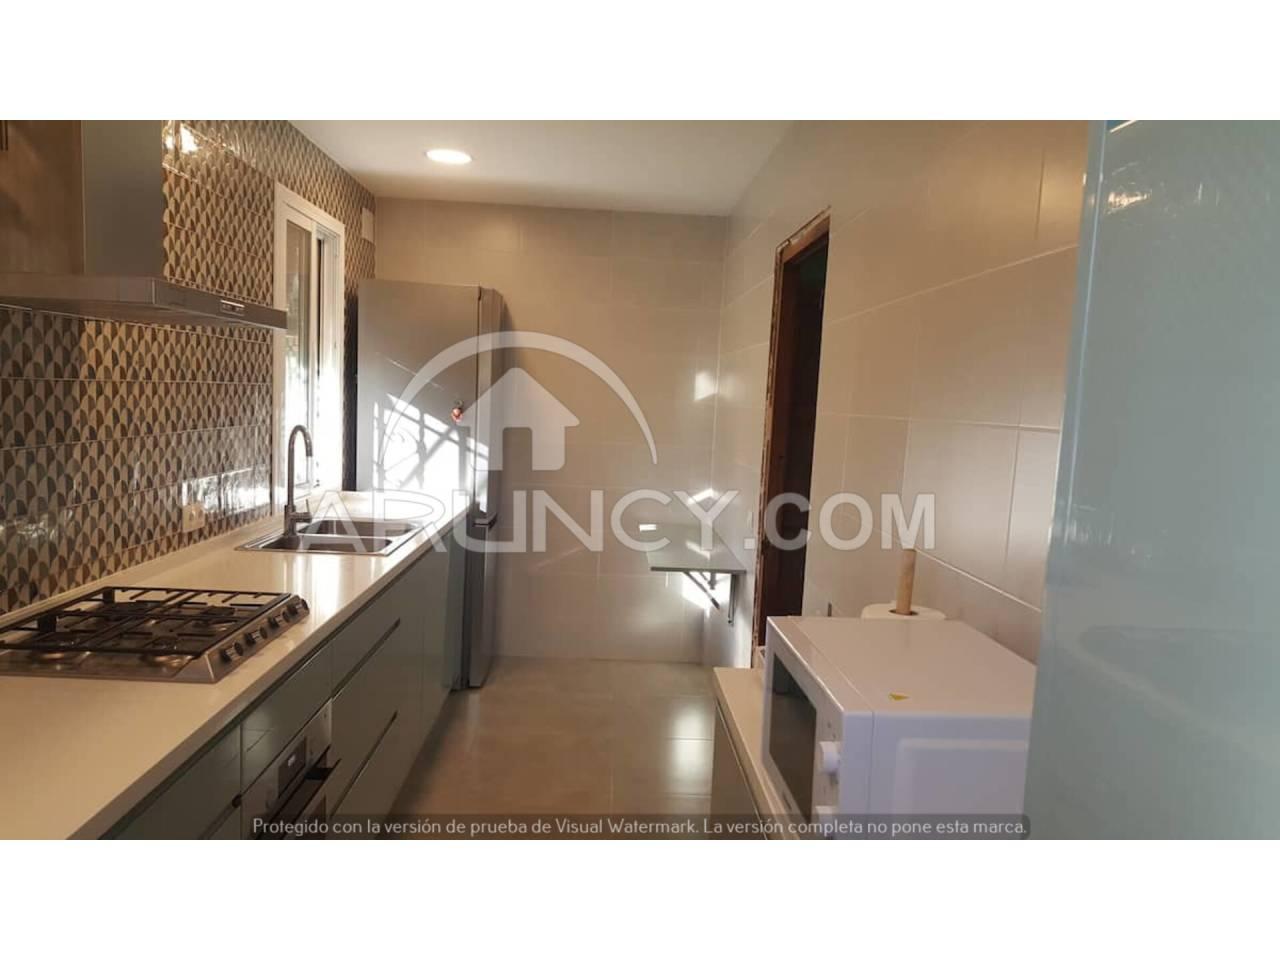 Casa en alquiler con 250 m2, 5 dormitorios  en Alcalá de Guadaíra, LAS